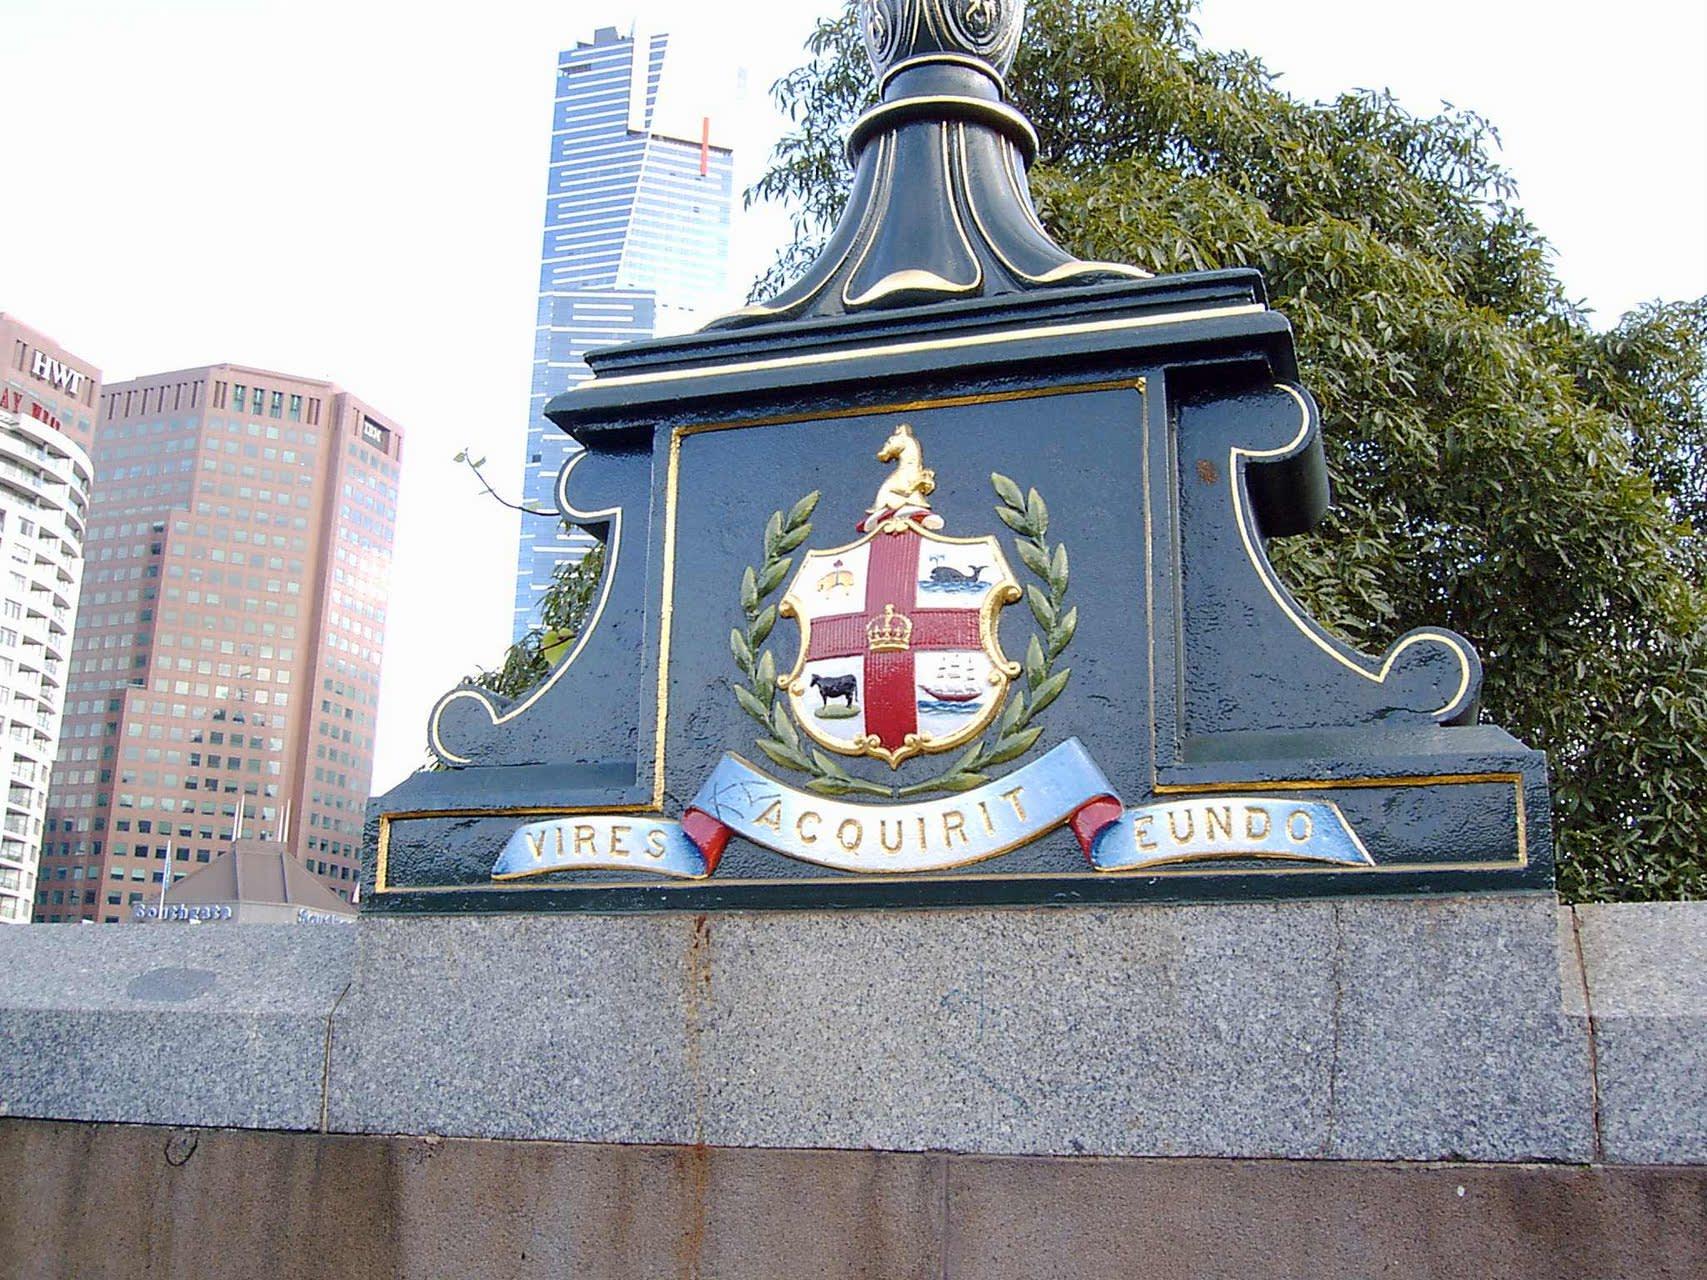 Vires Acquirit Eundo: Melbourne 180